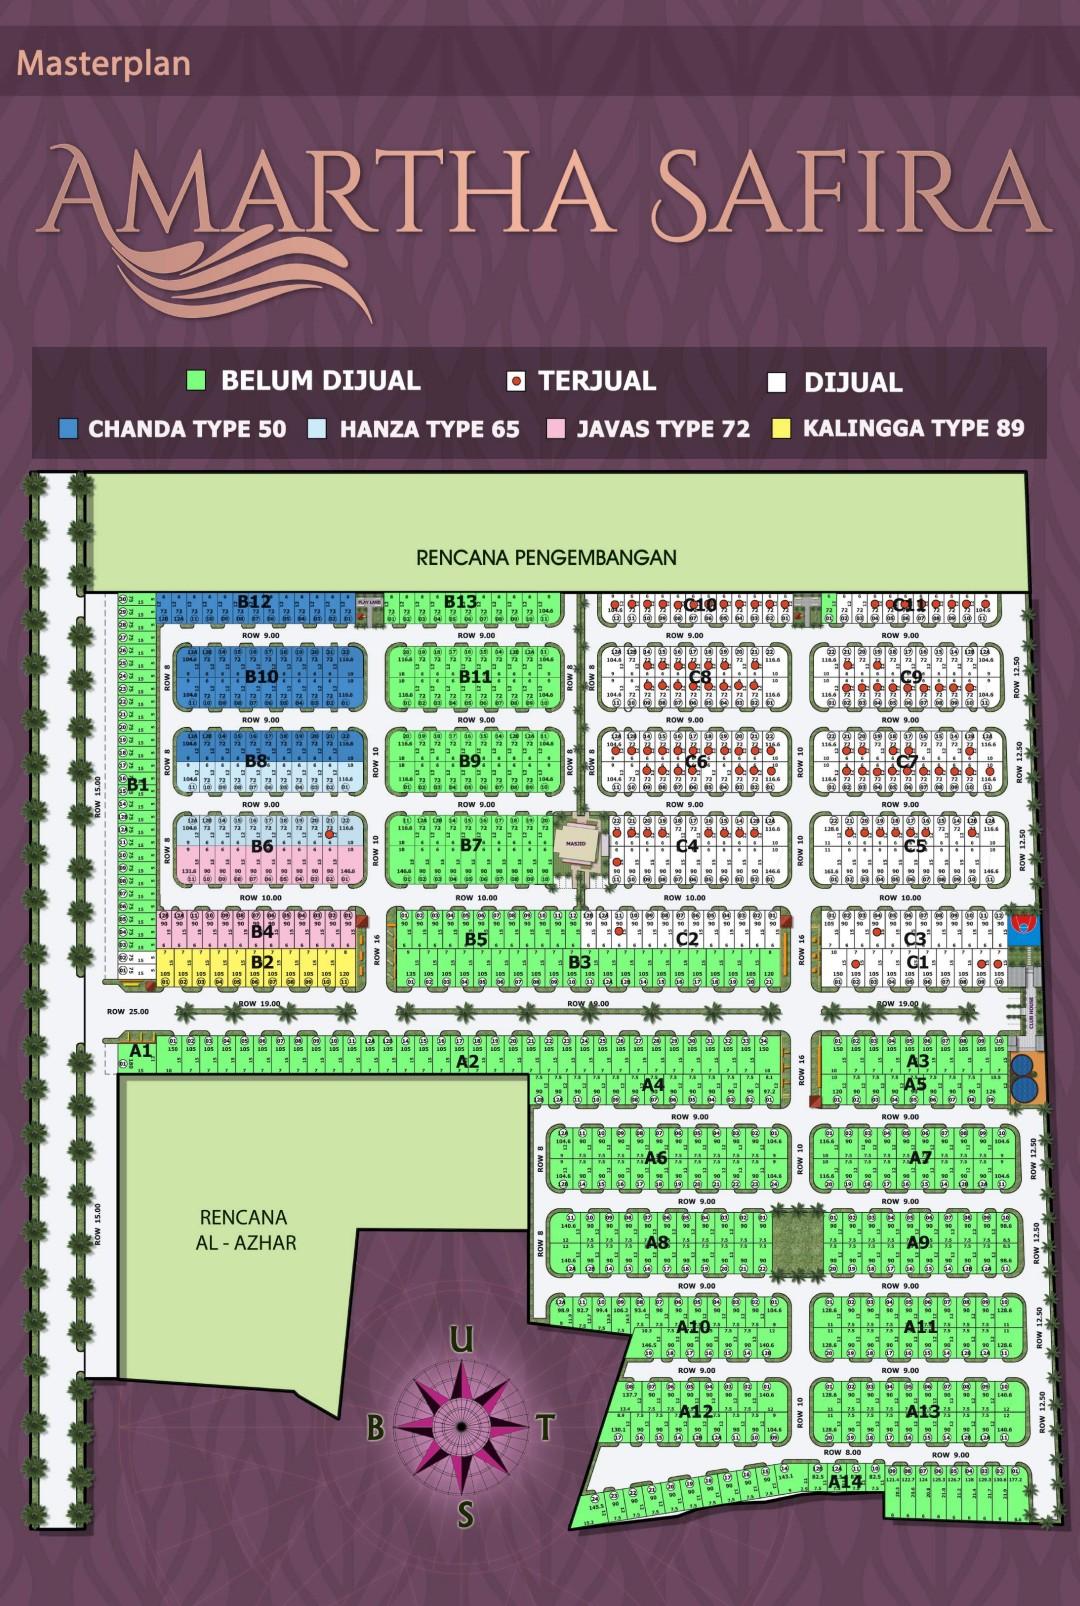 Siteplan Amartha Safira